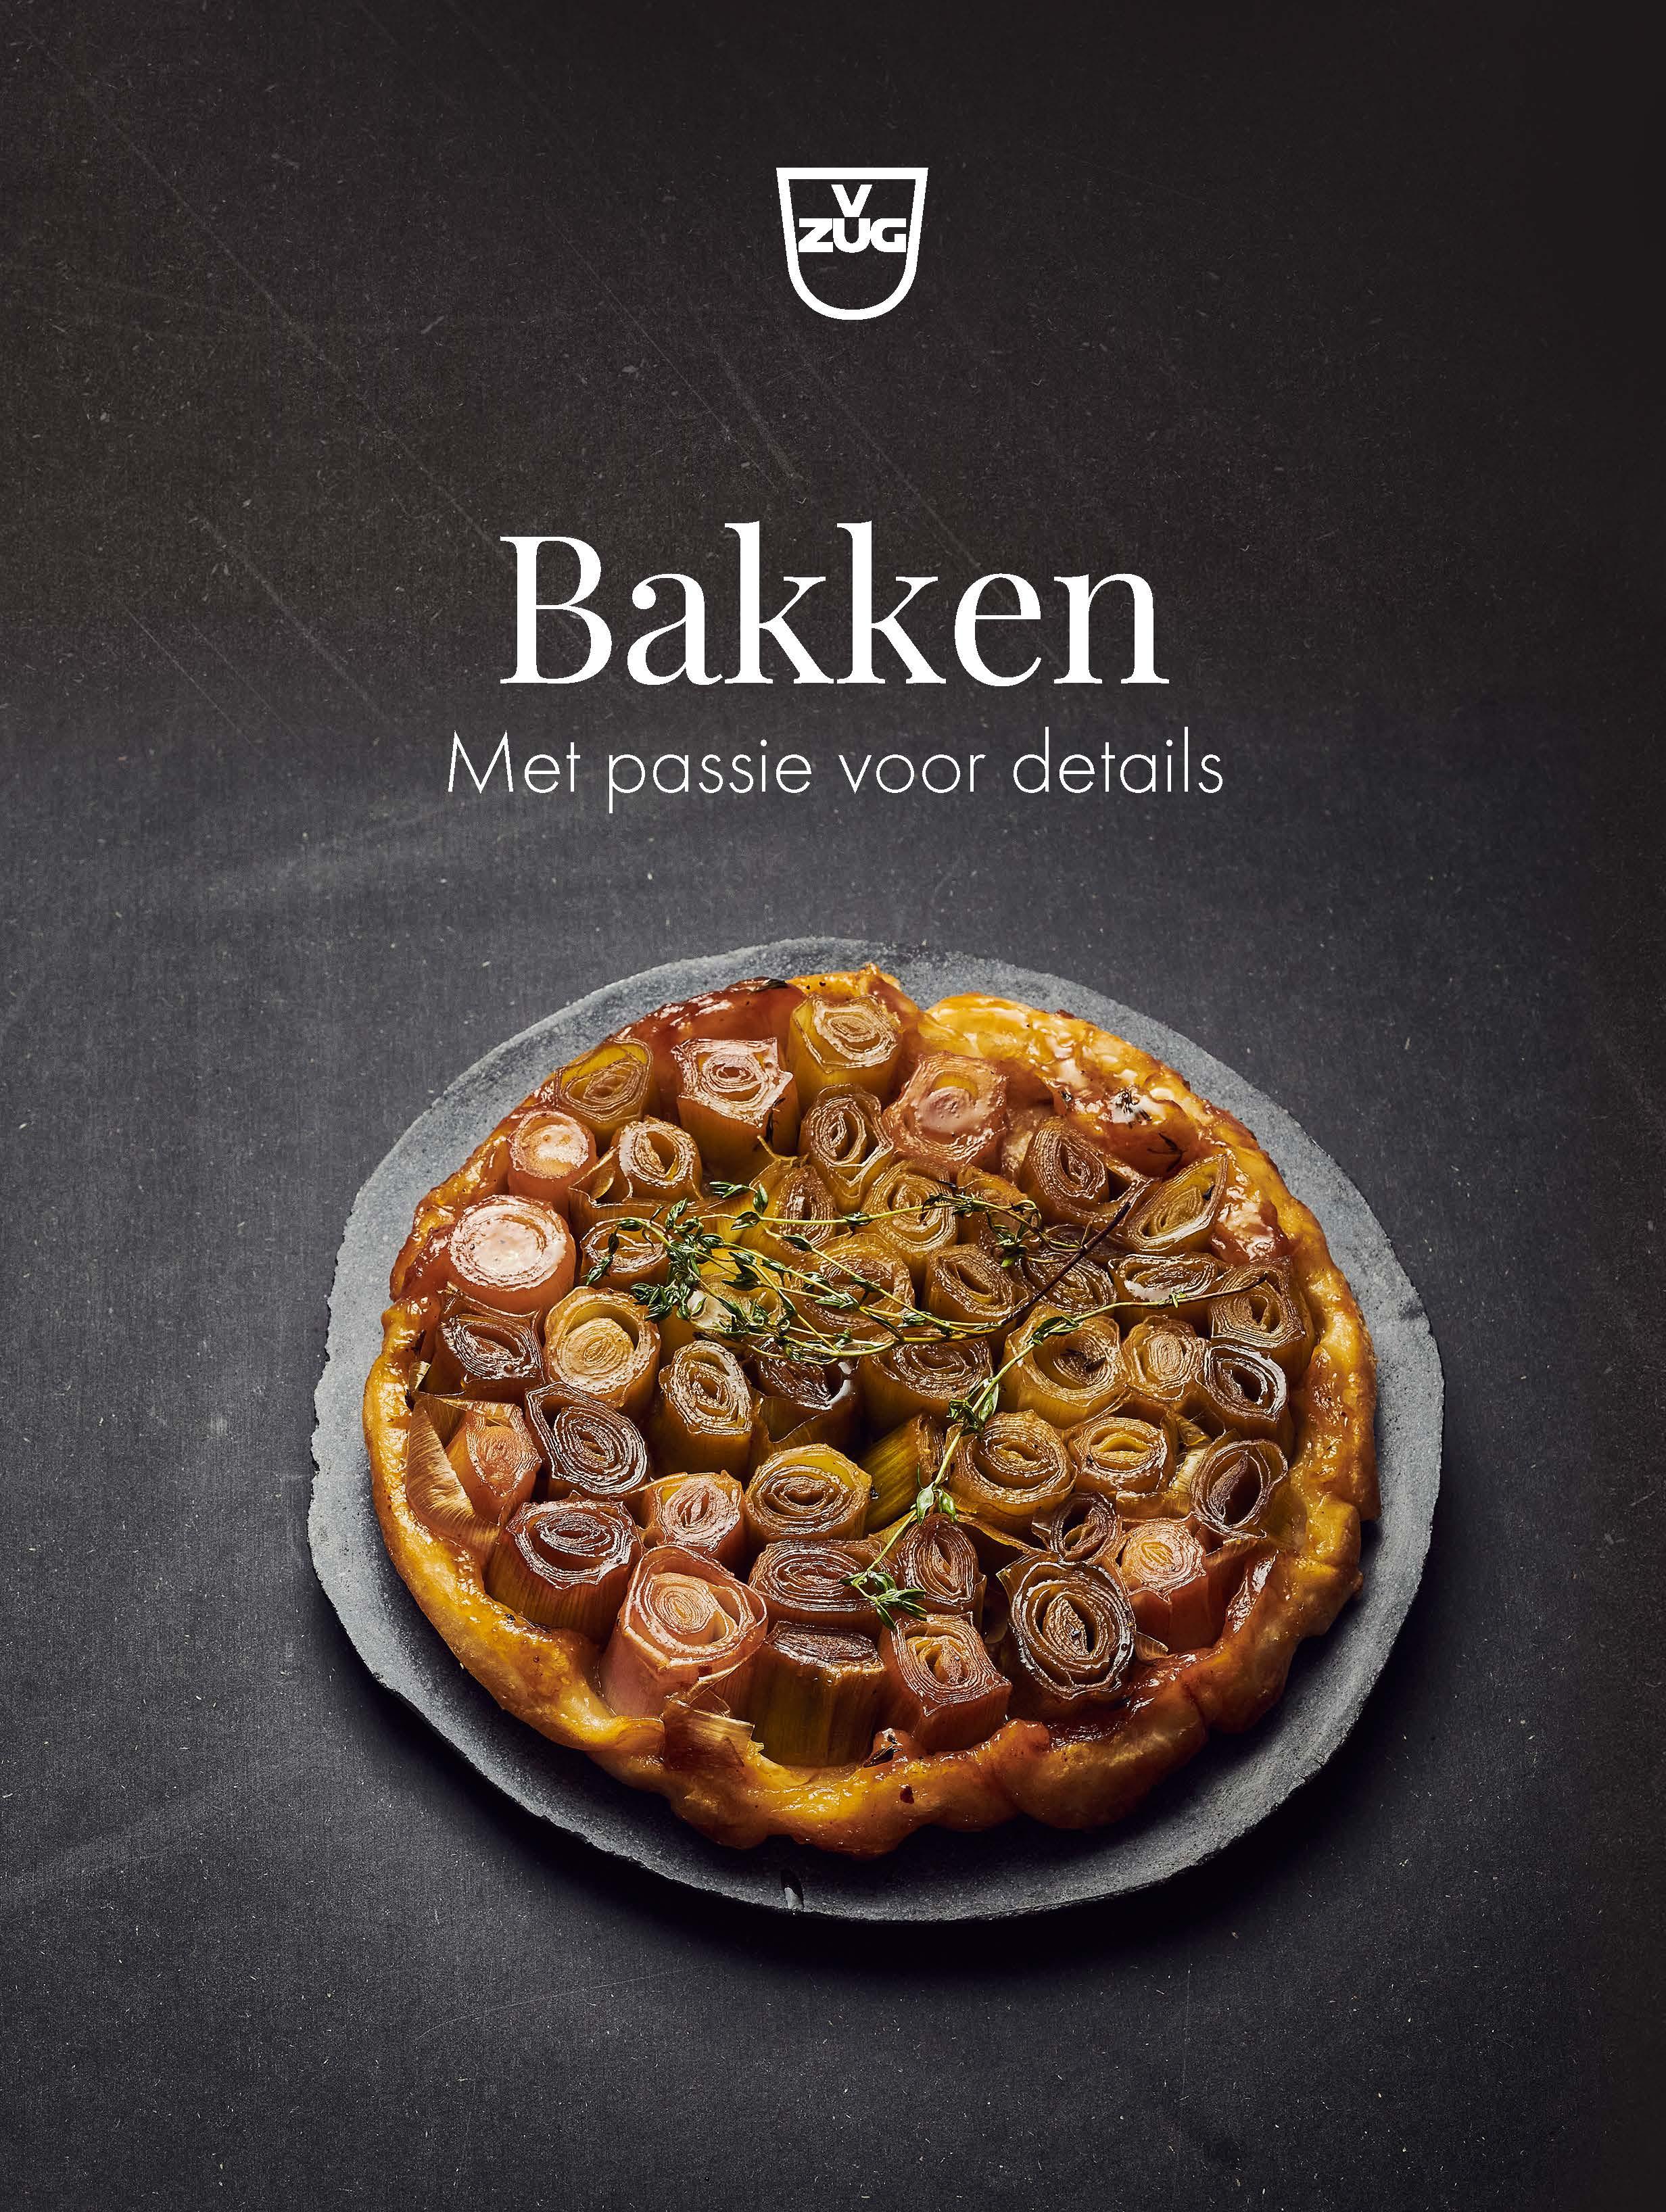 VZUG recepten boek bakovens #kookboek #vzug #bakovens #receptenboek